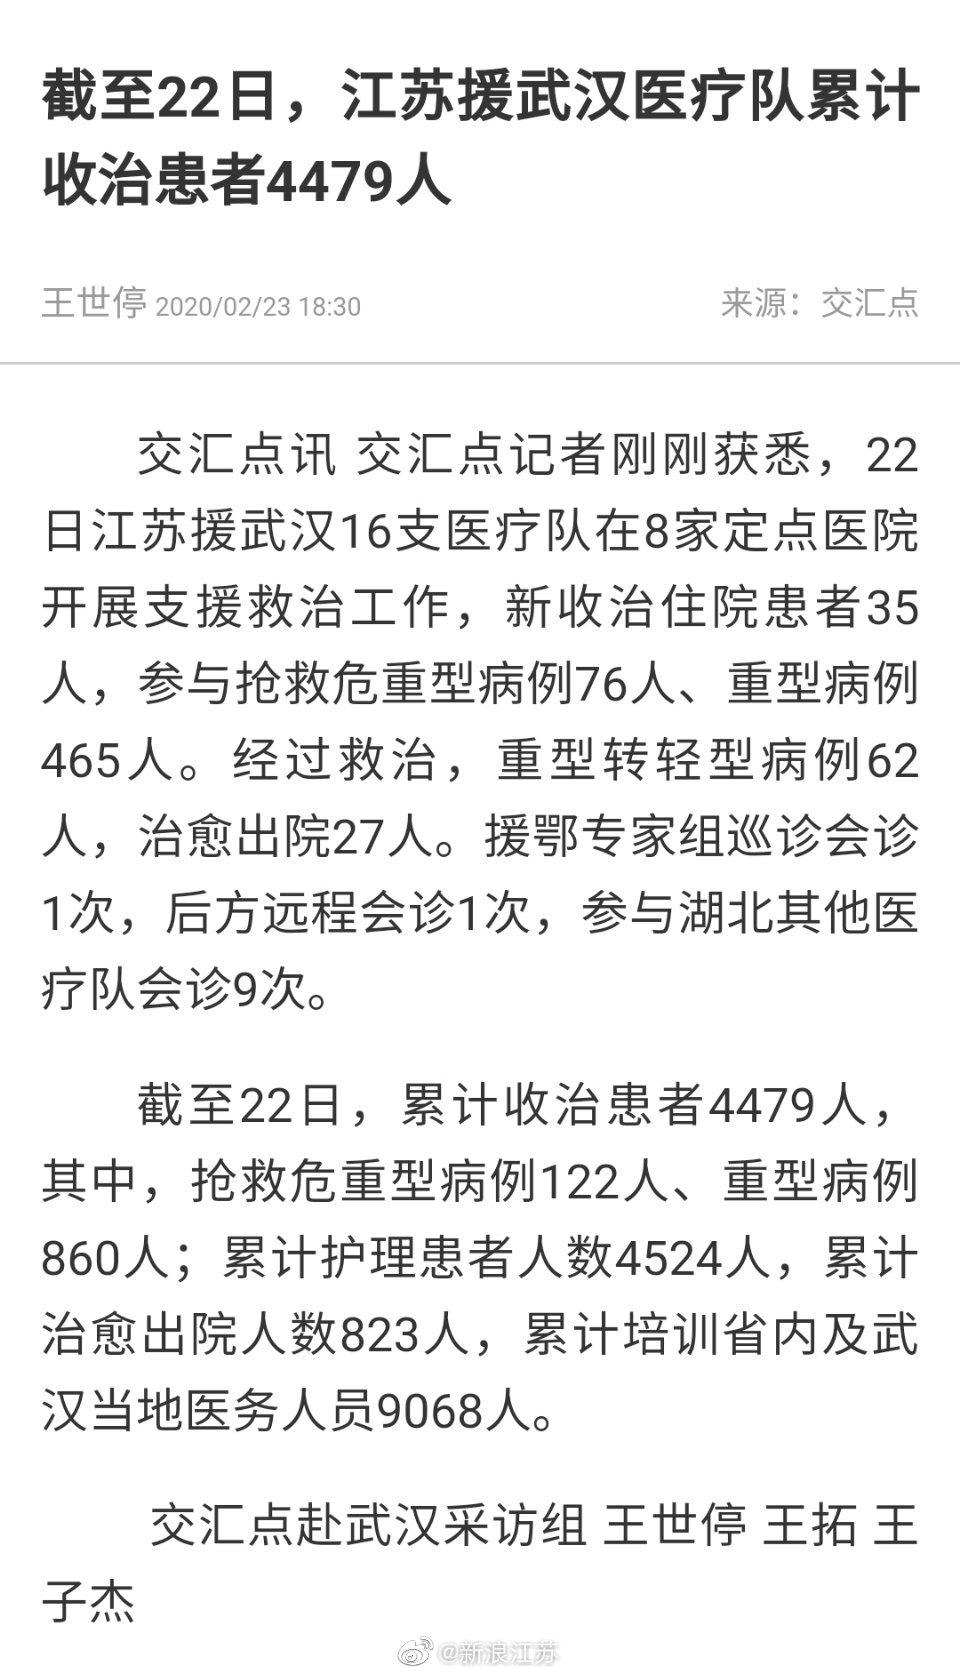 江苏援武汉医疗队累计收治患者4479人 治愈823人